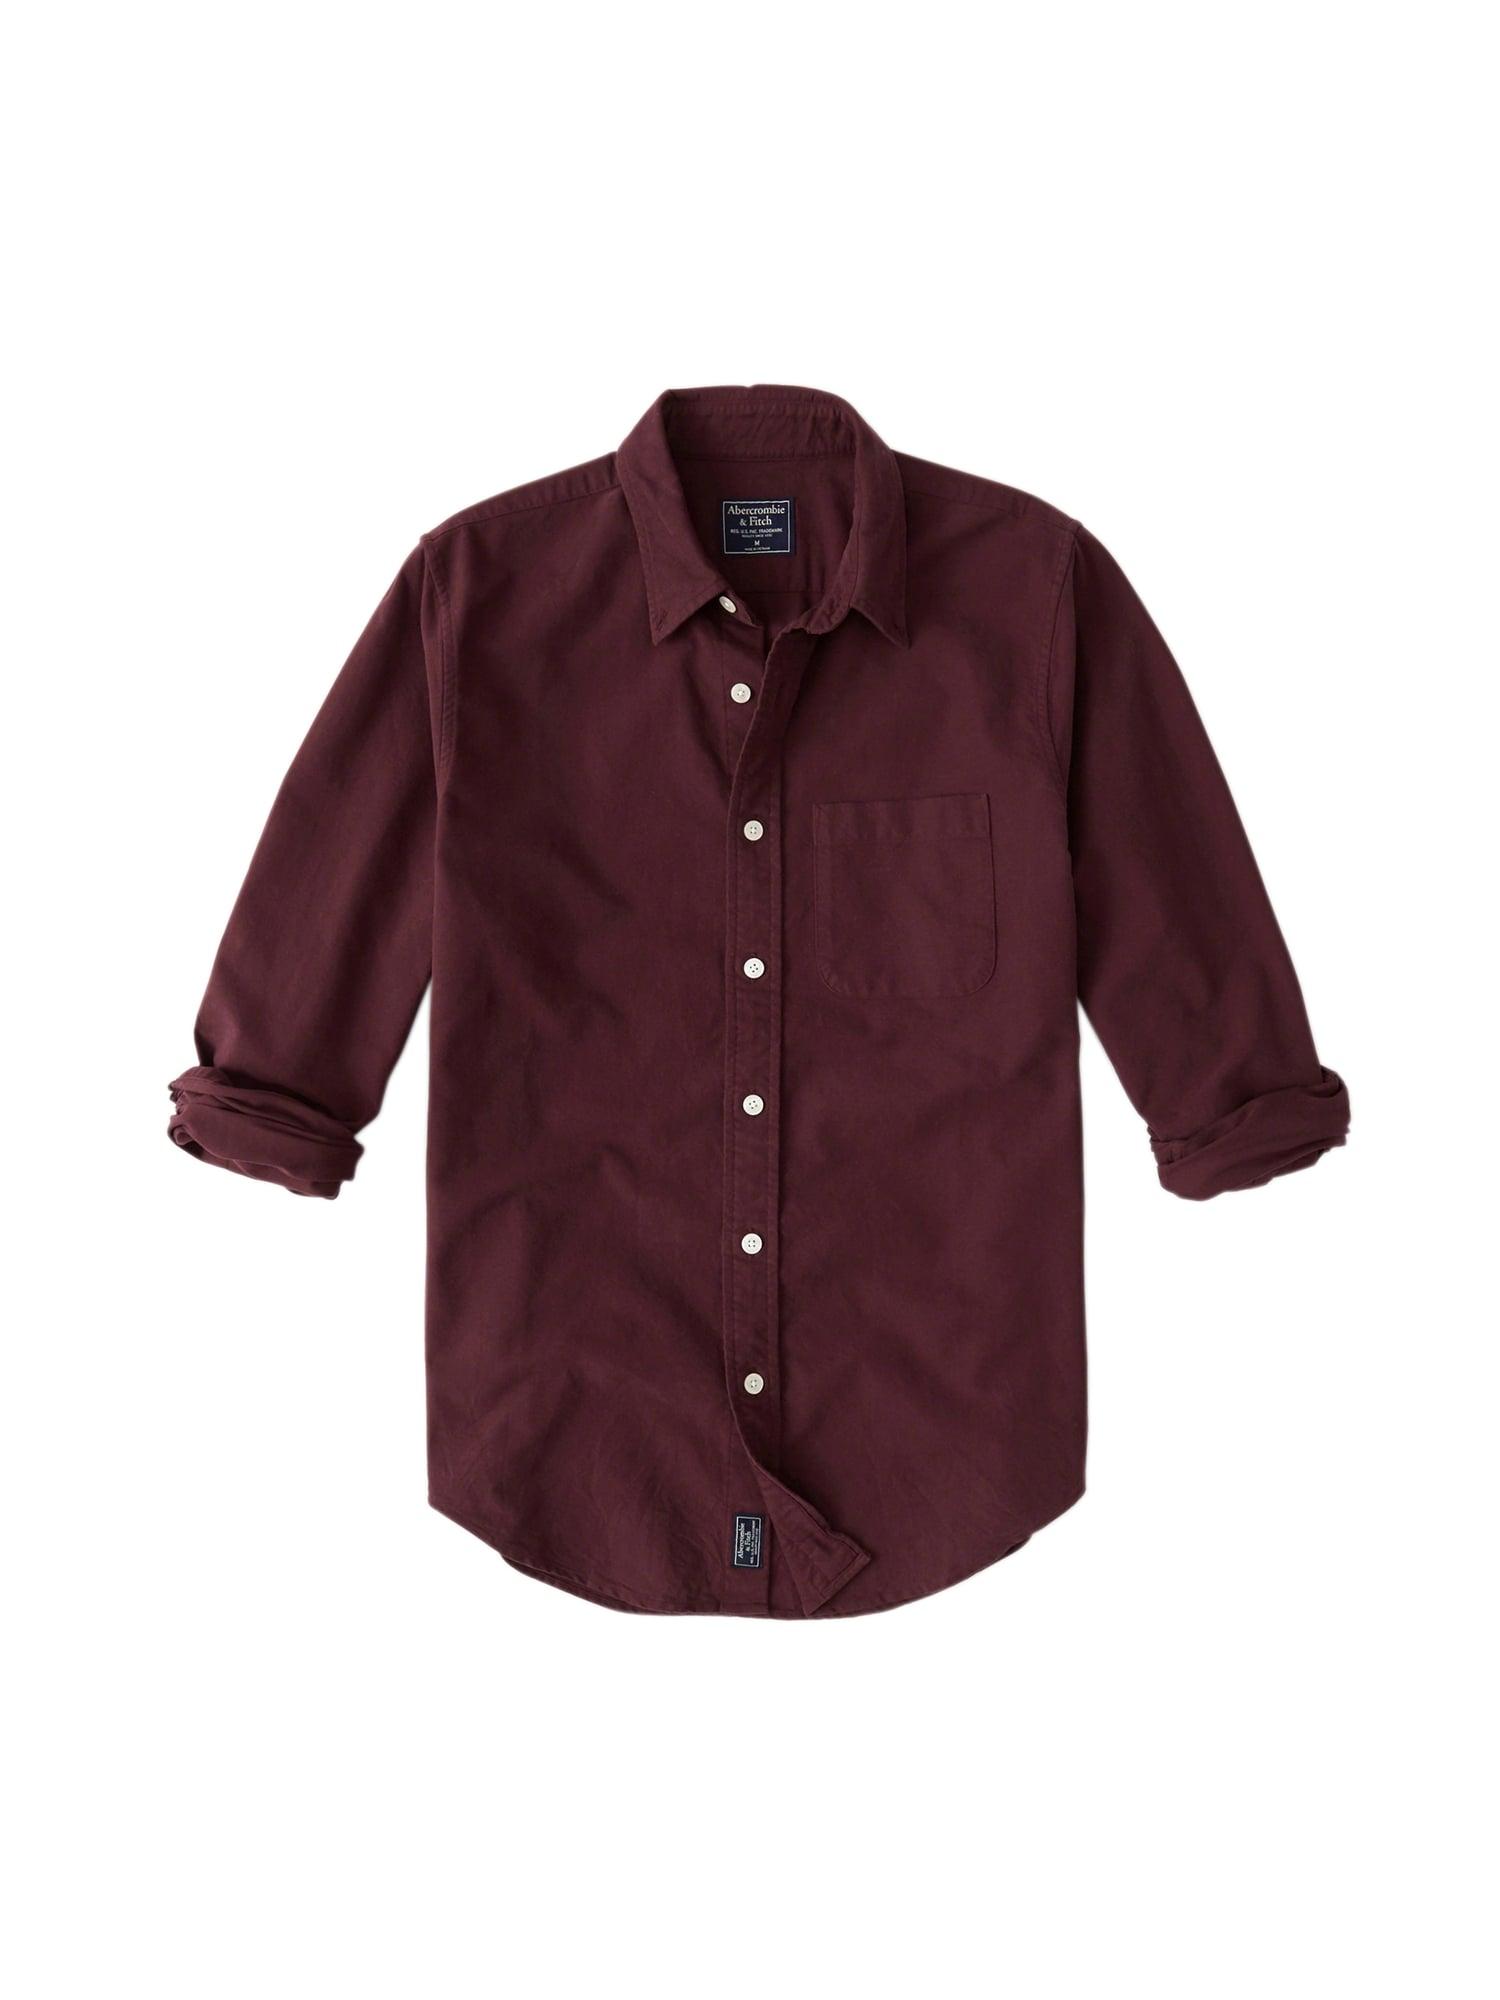 Společenská košile OXFORD SHIRT GLBL 6CC bordó Abercrombie & Fitch